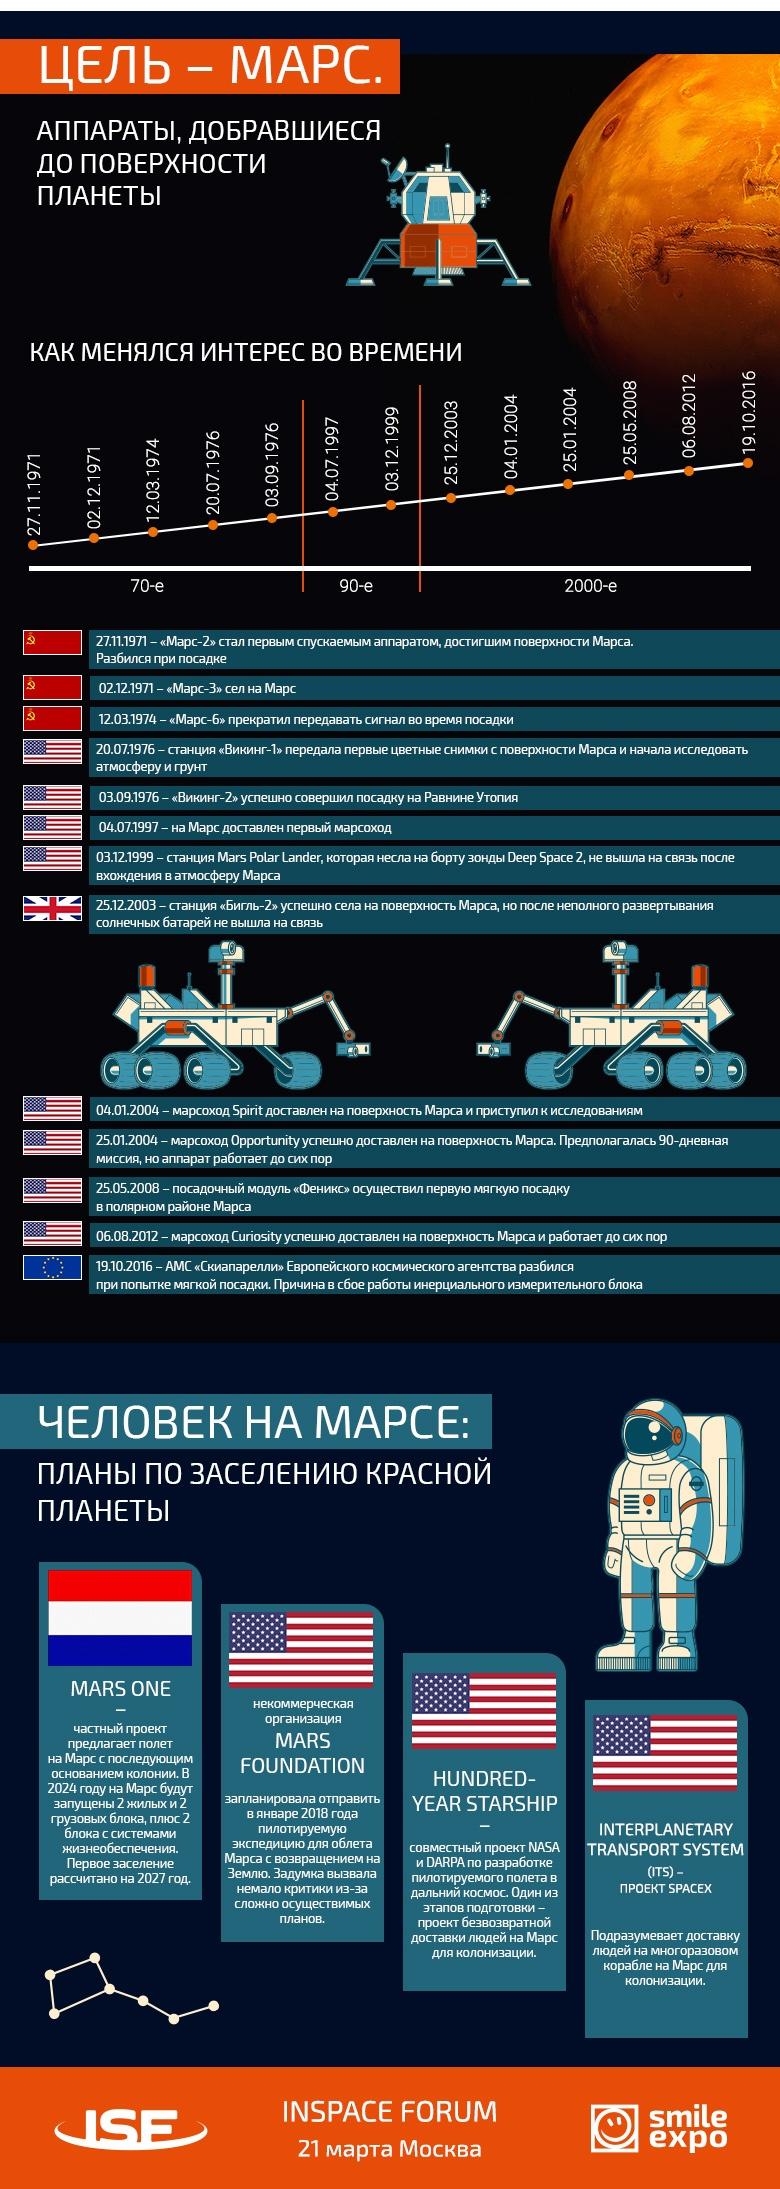 Обитаемые Луна и Марс: как человечество пытается колонизировать космос. Инфографика - 2